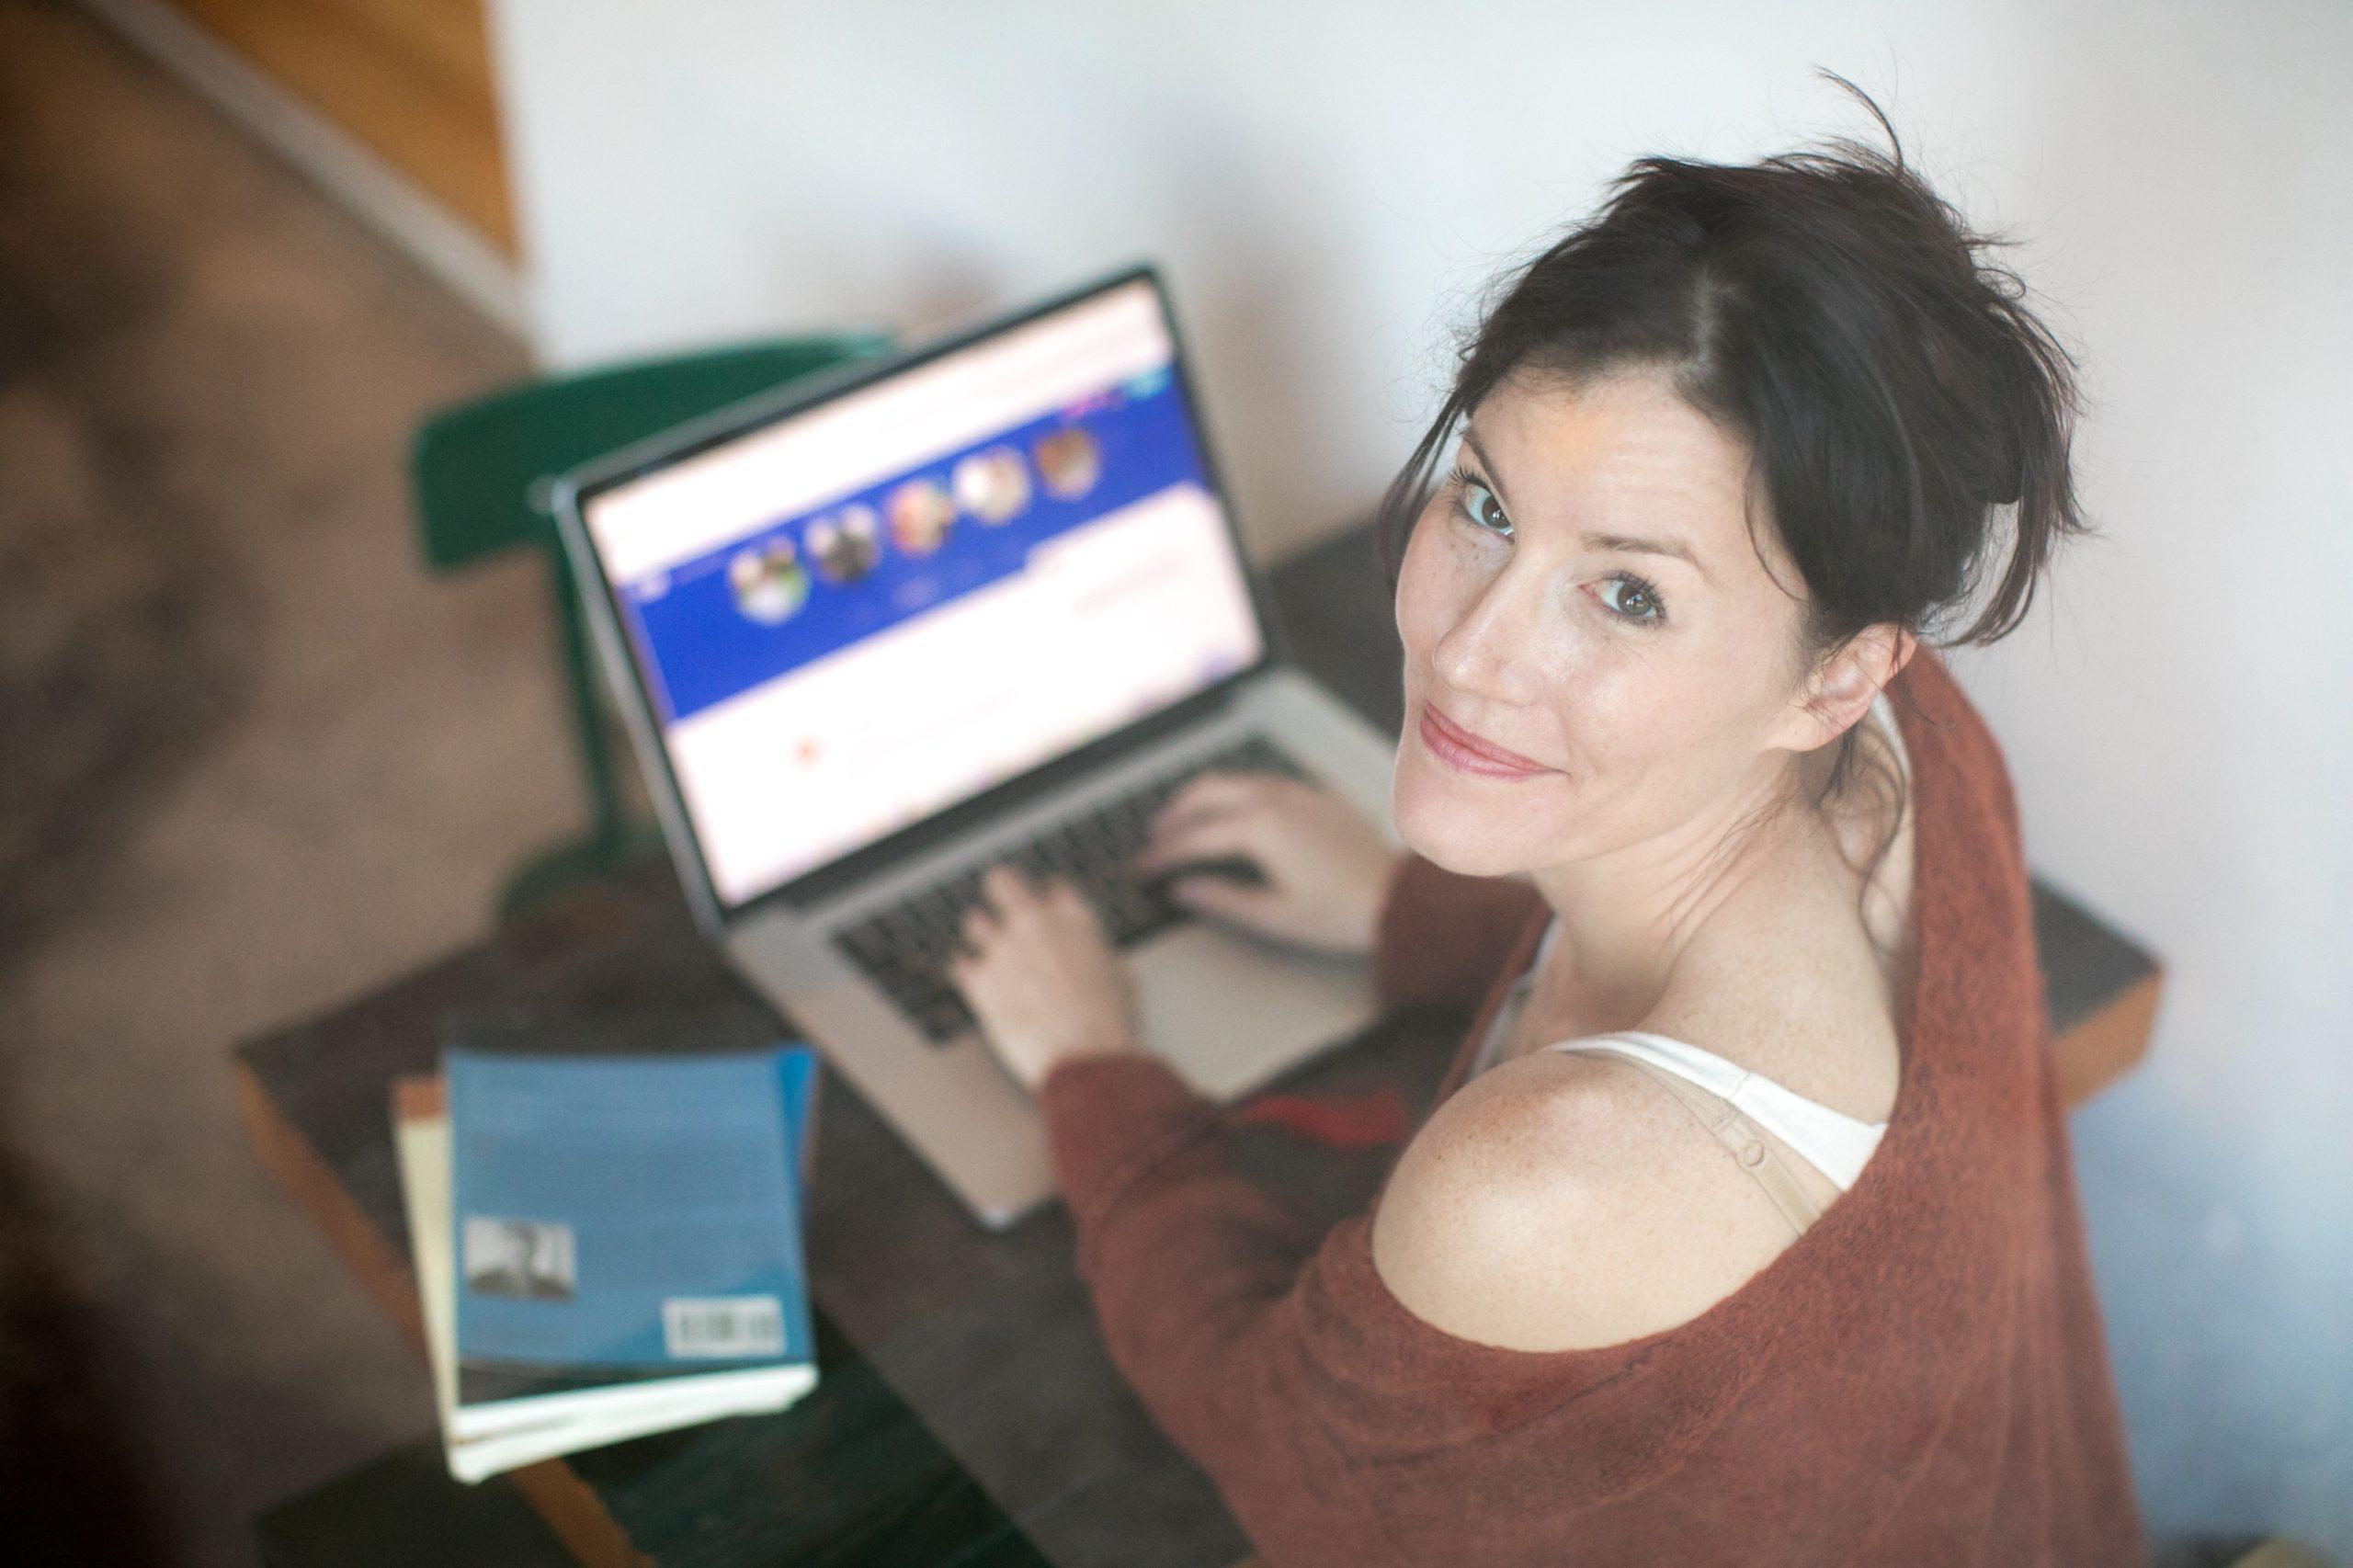 Accademia Venusia lezioni anche online